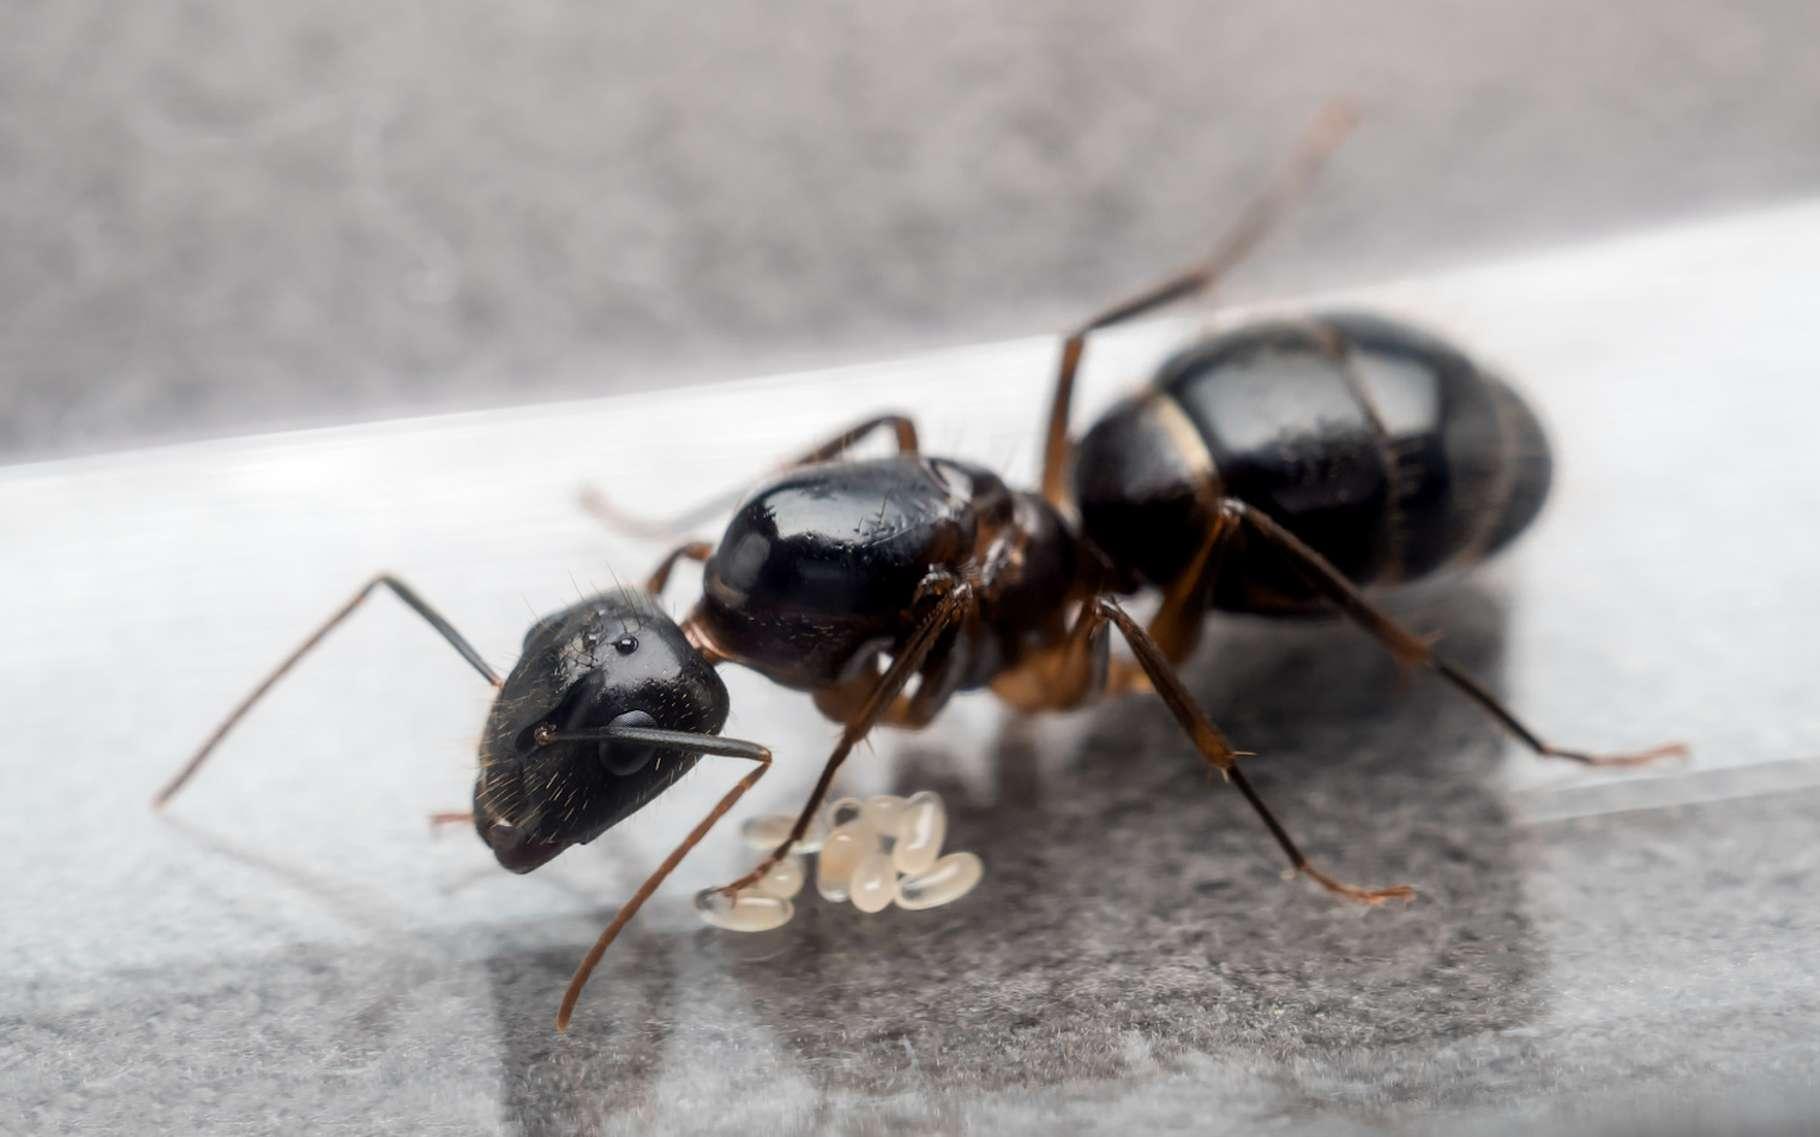 Des animaux zombies, c'est possible ? Des chercheurs se sont récemment intéressés à la façon dont un champignon transforme les fourmis charpentières en véritables zombies. © poravute, Fotolia